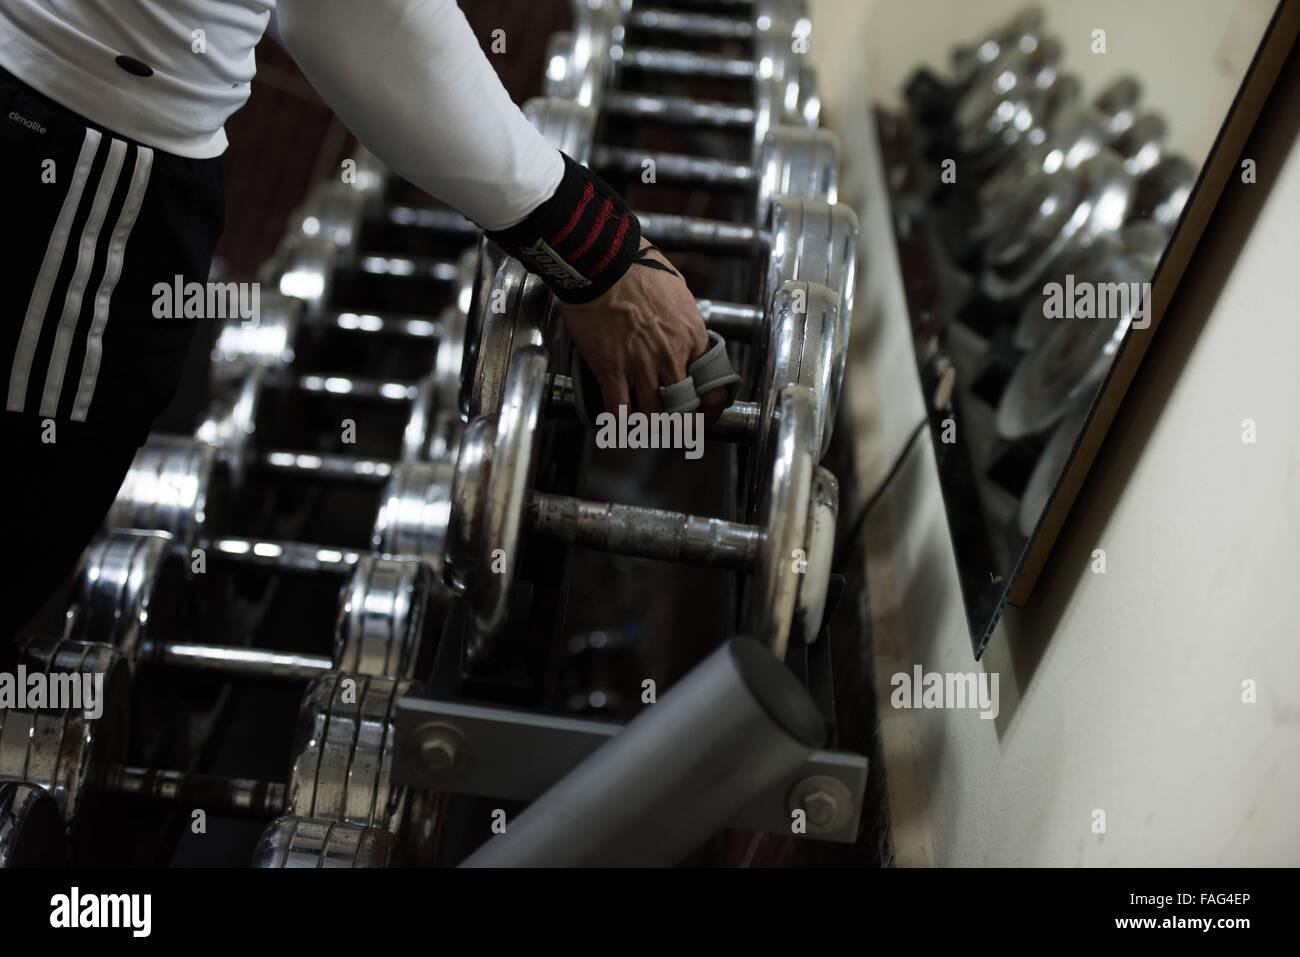 (151230) -- LE CAIRE, 30 décembre 2015 (Xinhua) -- Kholoud Essam prend des exercices de musculation dans une Photo Stock